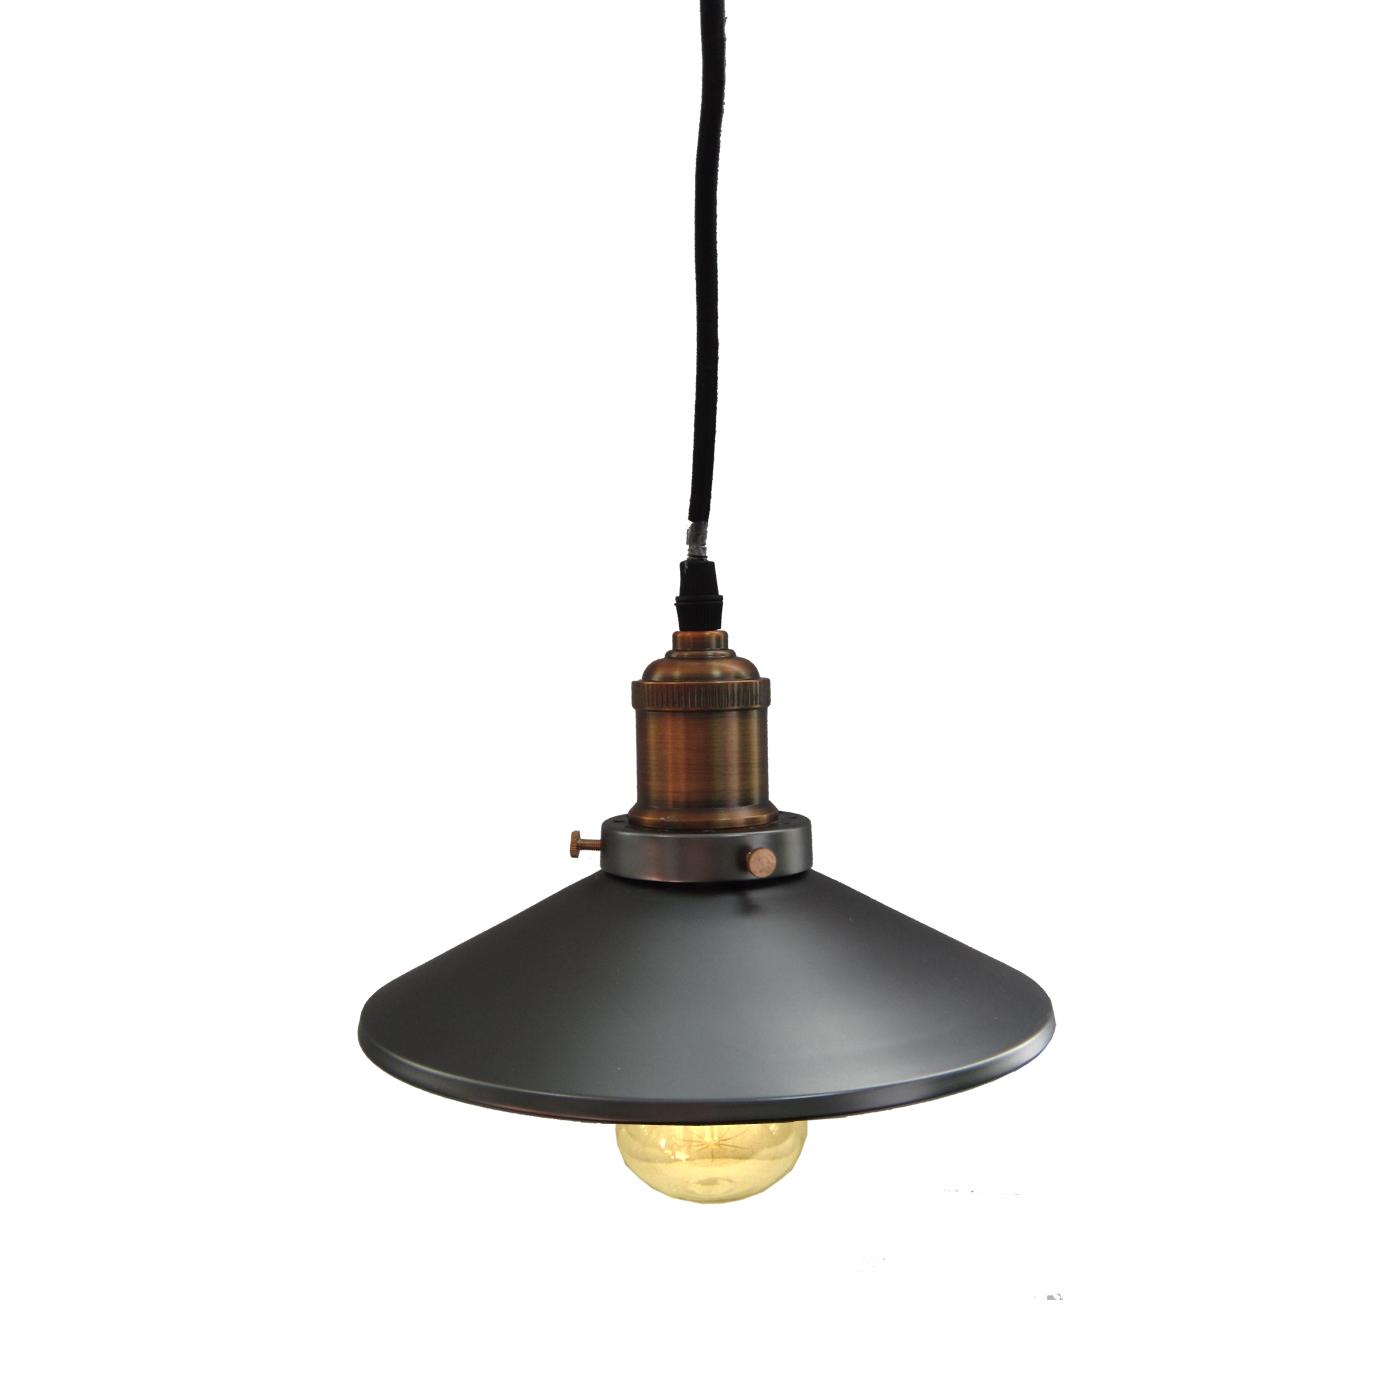 Купить Настенно-потолочные светильники ARTEVALUCE, Светильник подвесной Branch (20х20 см), Китай, Черный, Металл, Стекло